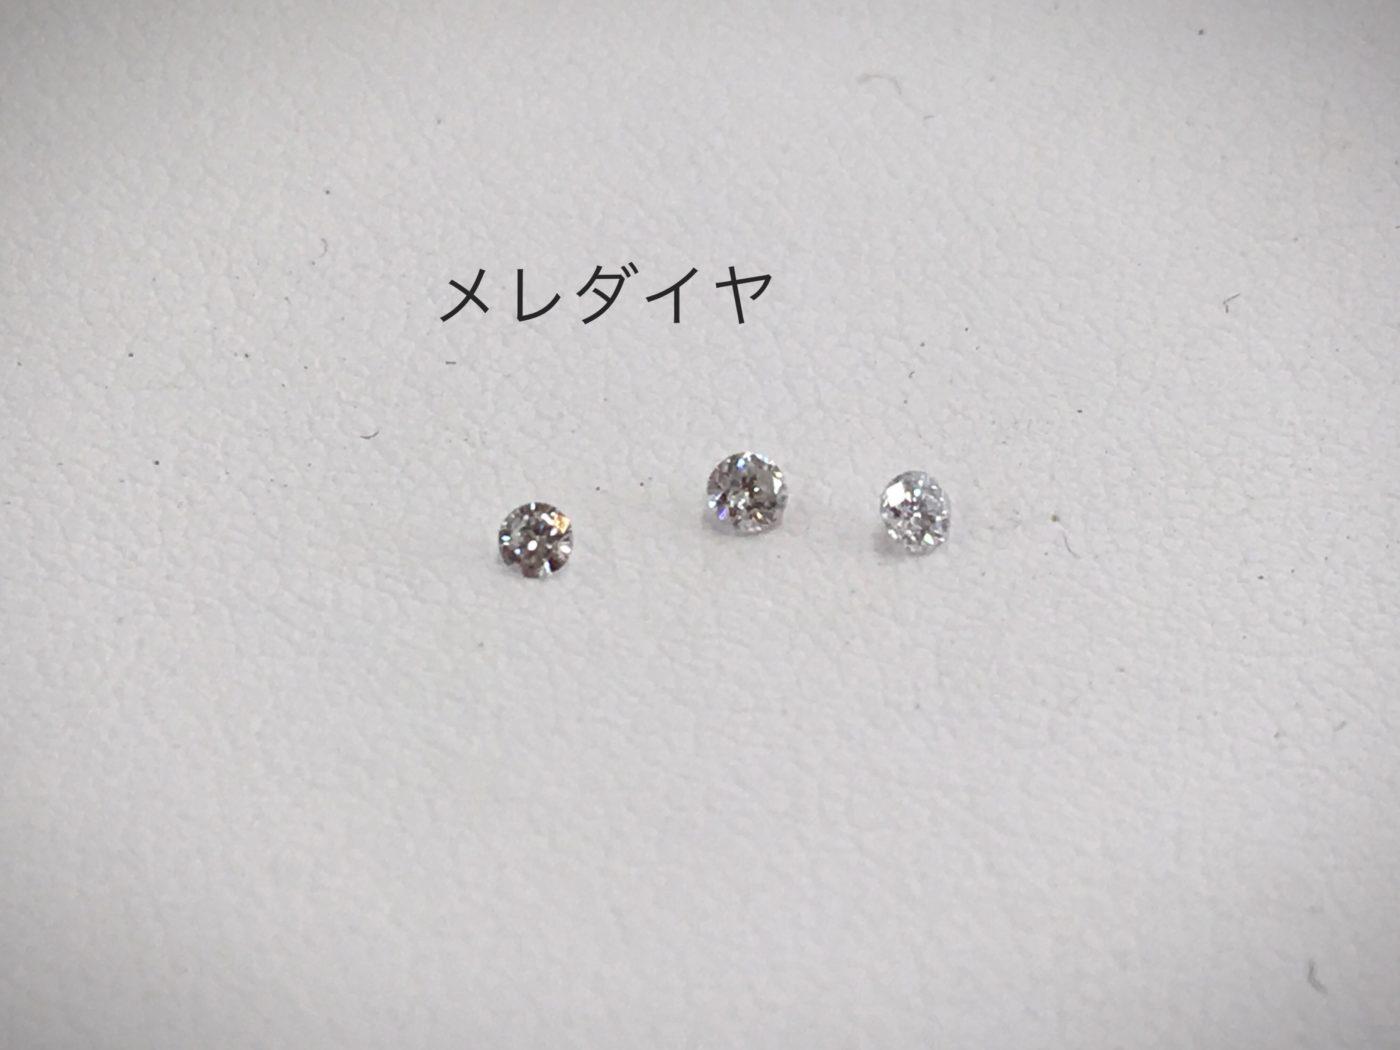 メレダイヤ 裸石 ルース 山梨県